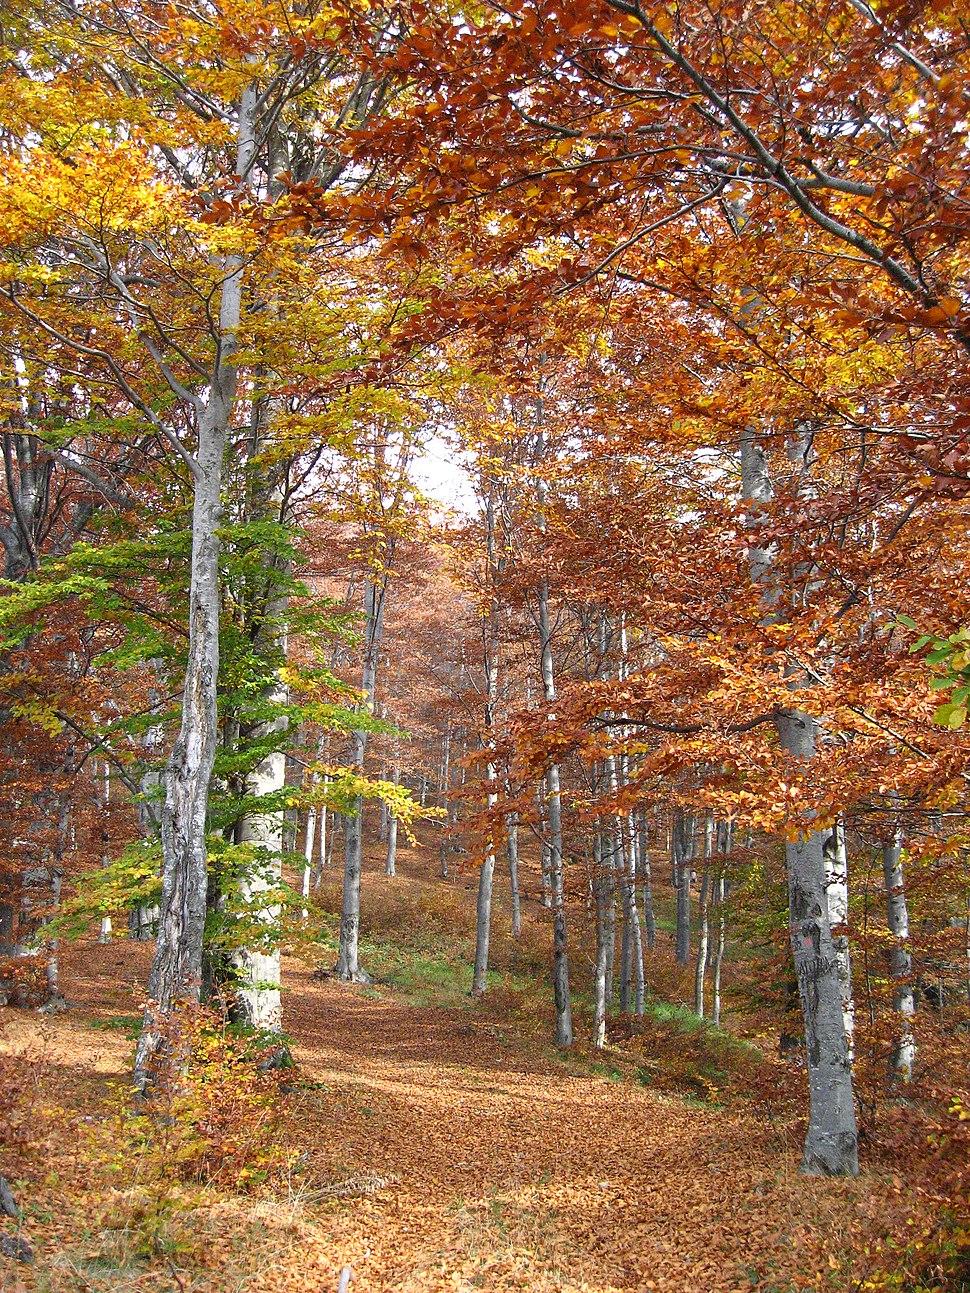 Jablanik - zapadna Srbija - mesto Debelo brdo - Na putu ka vrhu Jablanika - Bukova šuma u jesen 1